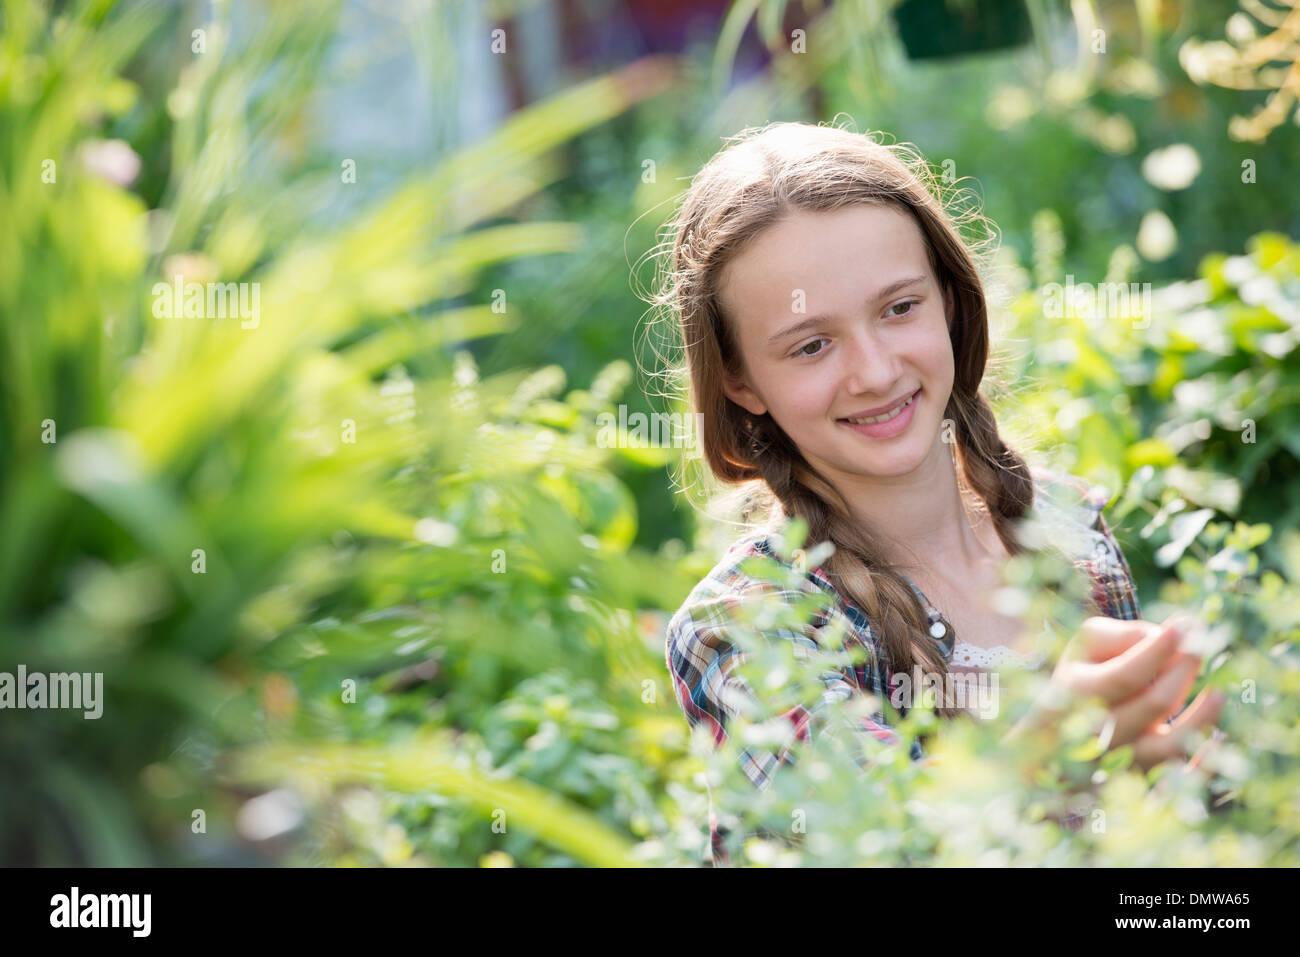 Im Sommer auf einem Bio-Bauernhof. Ein junges Mädchen in einer Gärtnerei voller Blumen. Stockbild